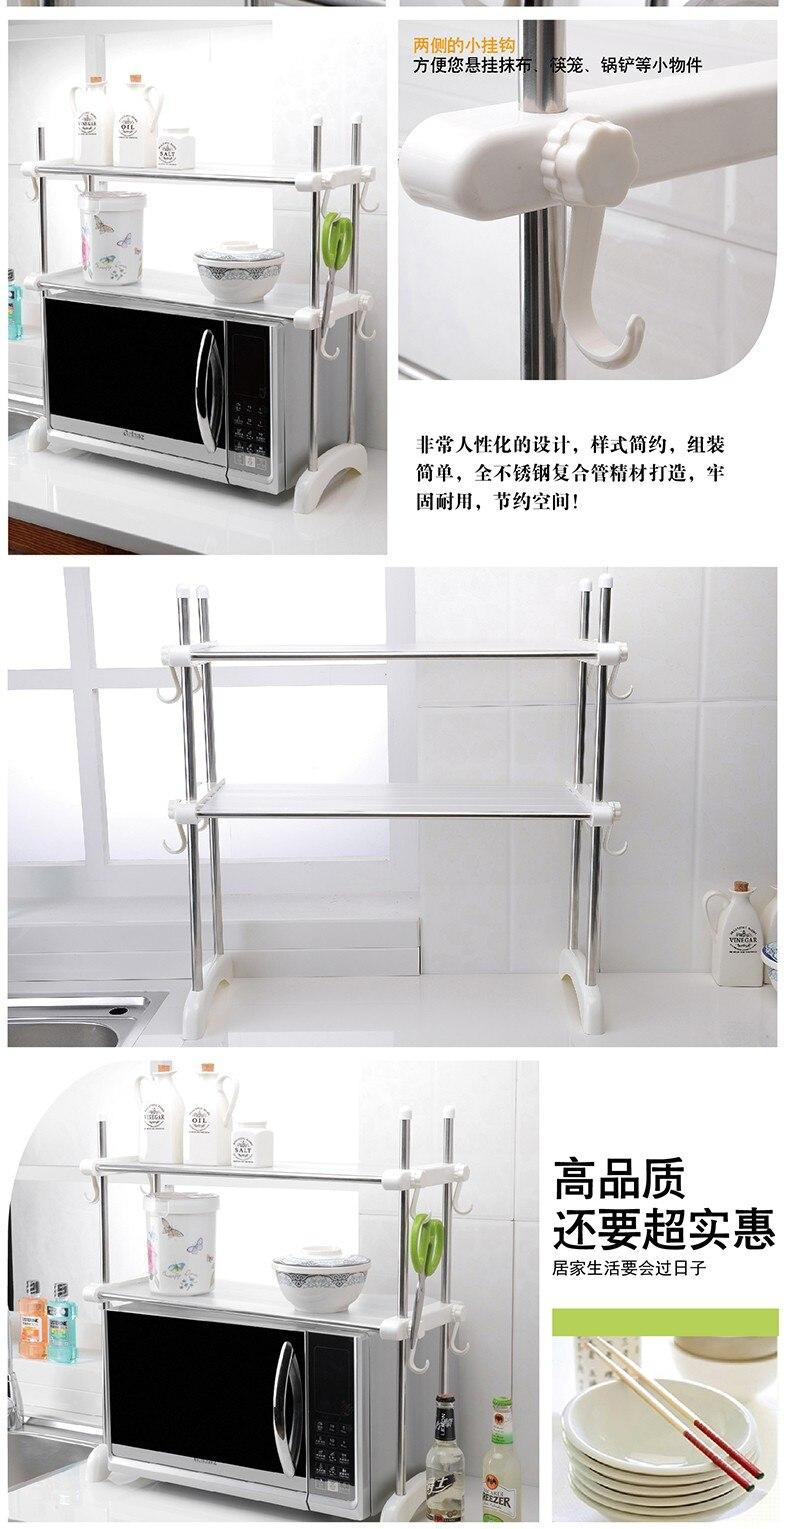 des ustensiles de cuisine accessoires multi but micro ondes four fil etagere de rangement 3 pneus mircrowave four rack maison decor